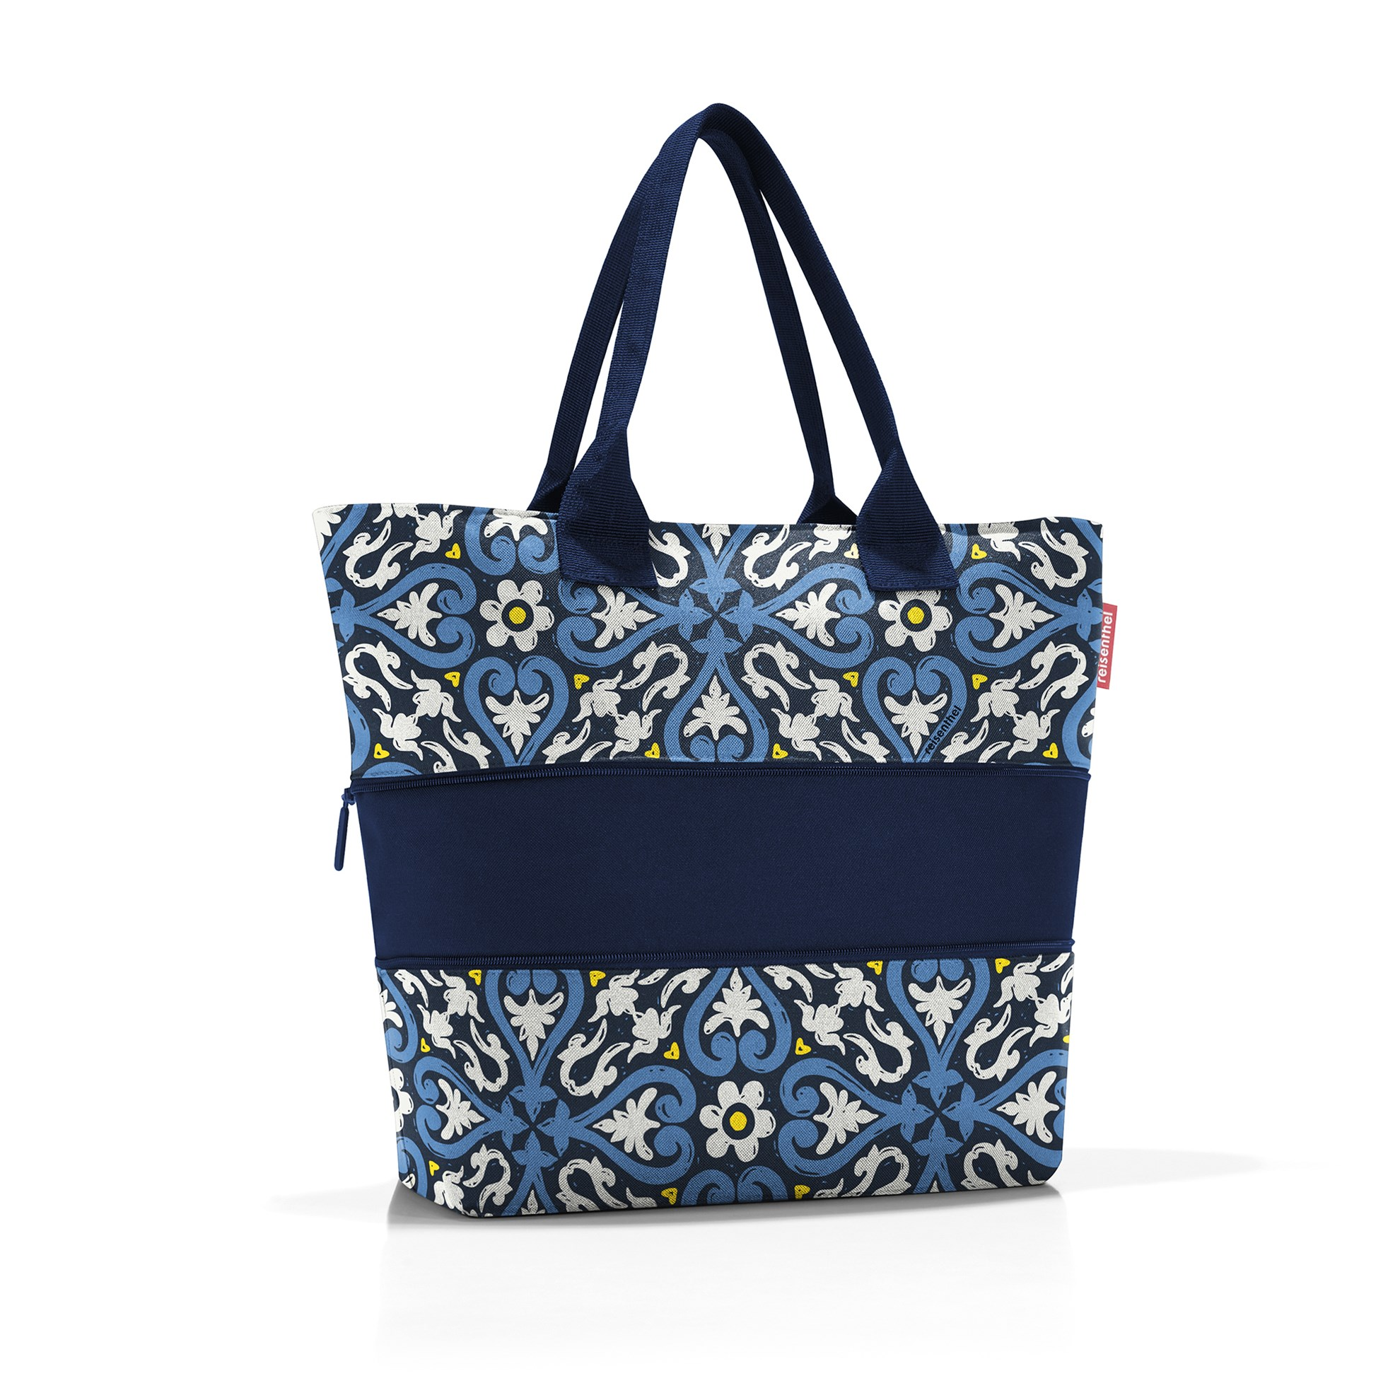 Chytrá taška přes rameno Shopper e1 floral 1_1